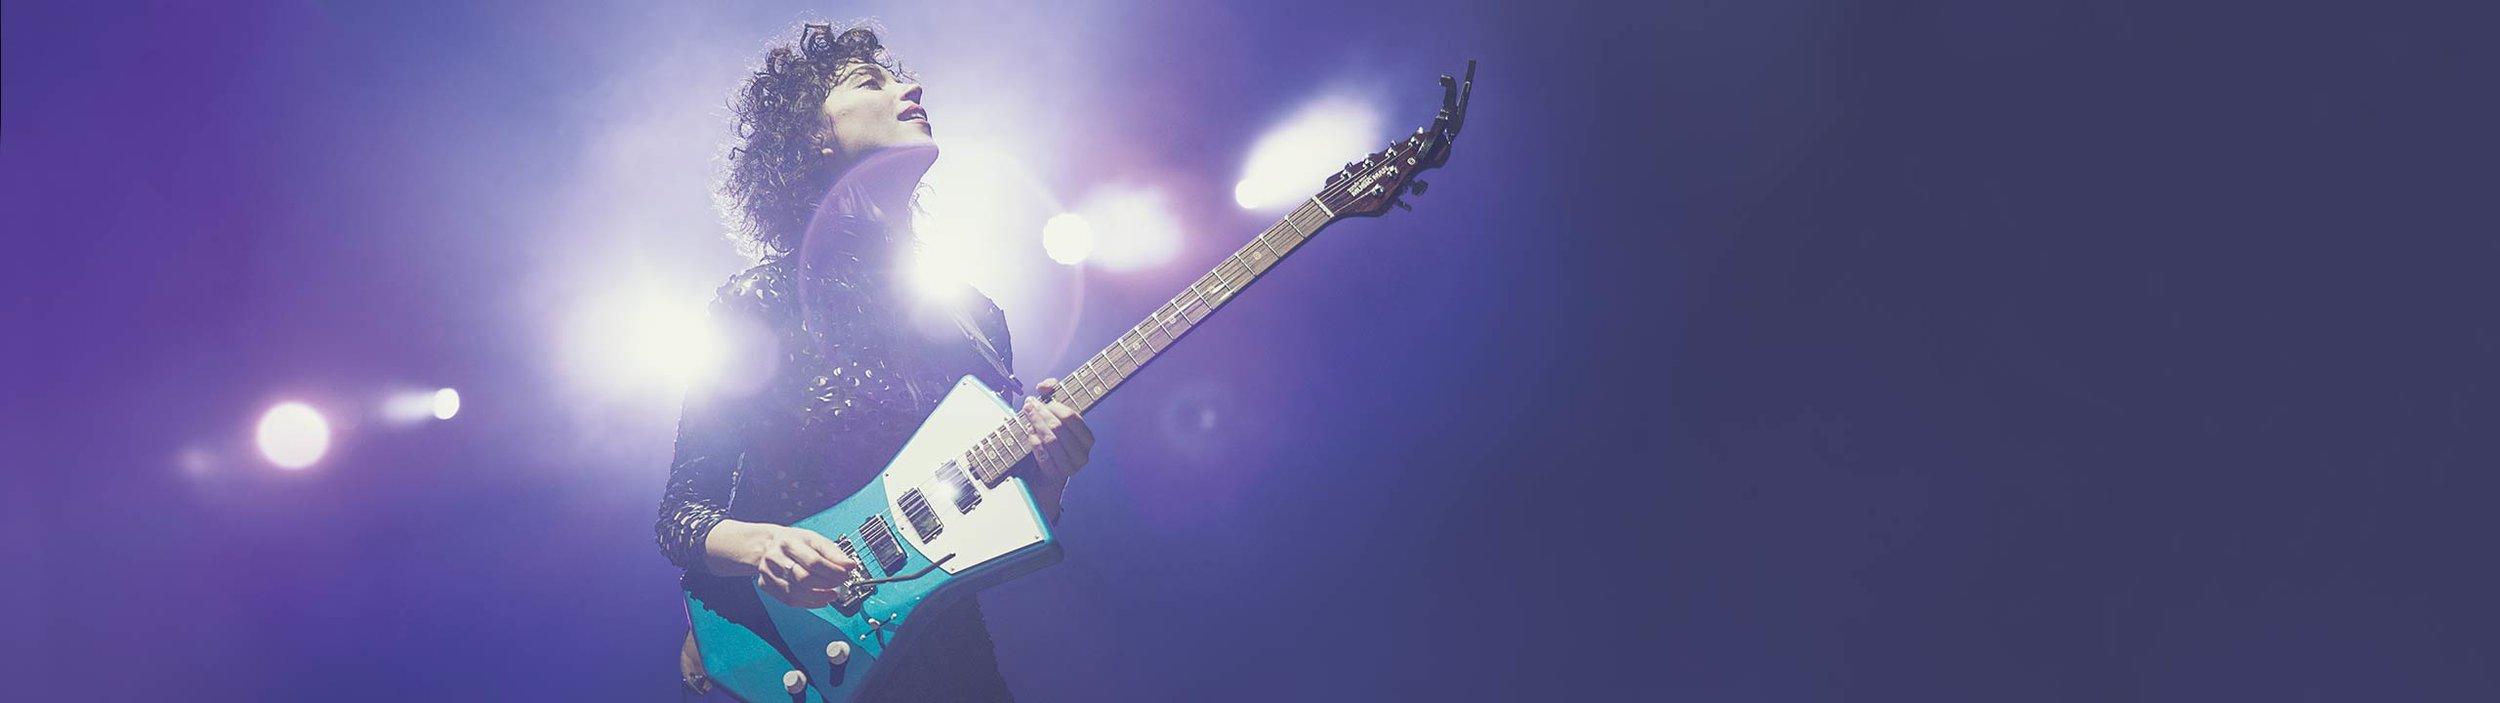 guitars-header-desktop.jpg.pagespeed.ce.pXxiWC7q7G.jpg